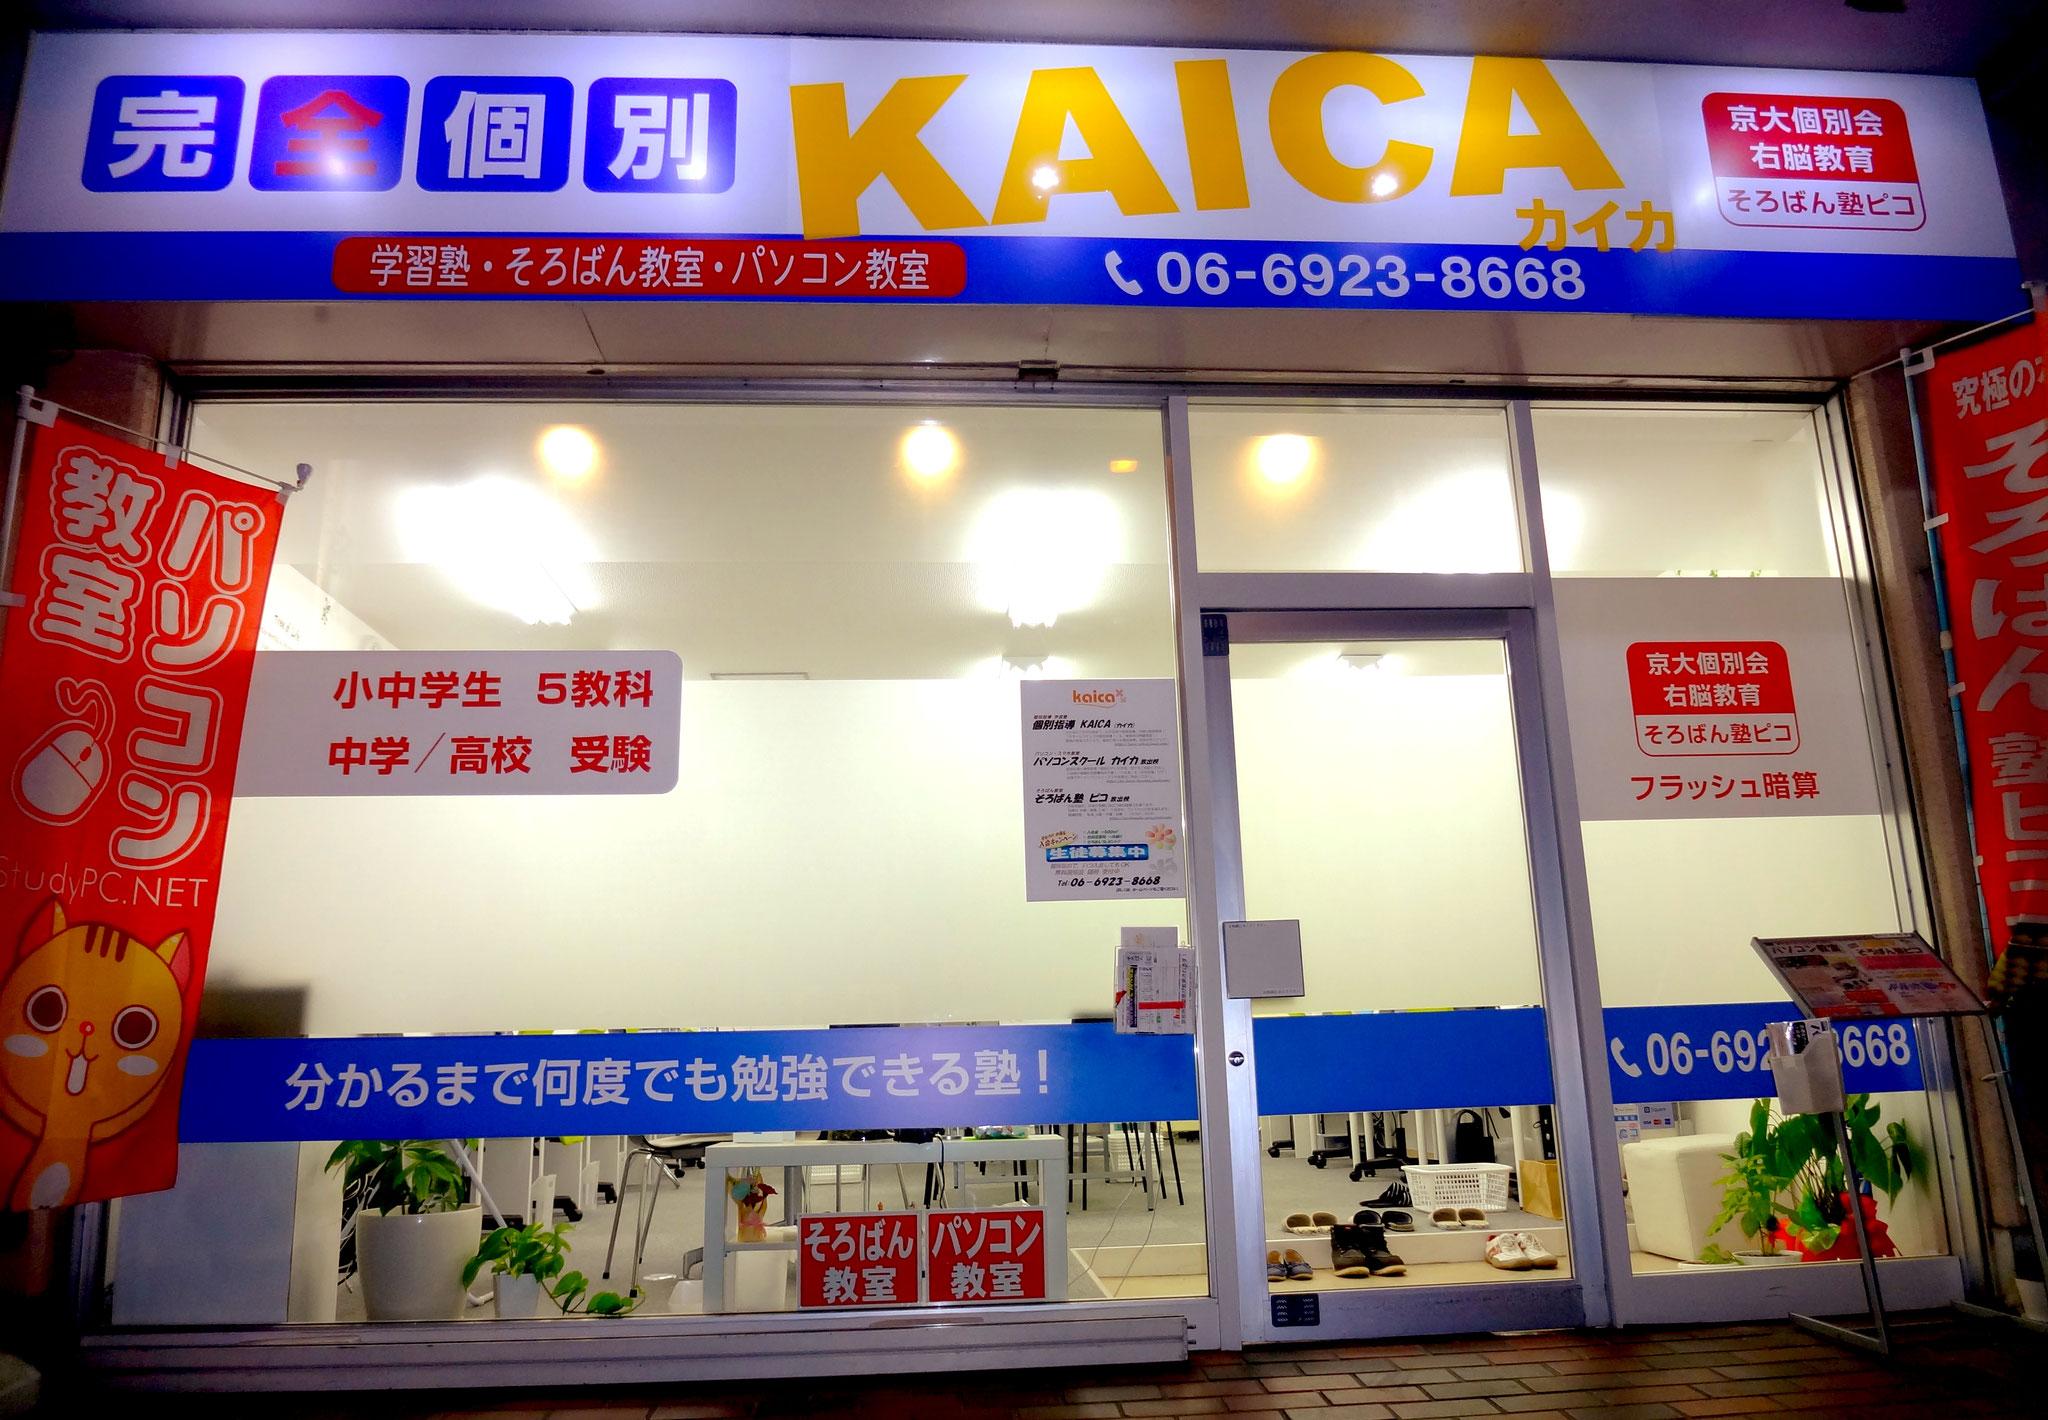 大阪市鶴見区で人気ののプログラミング教室